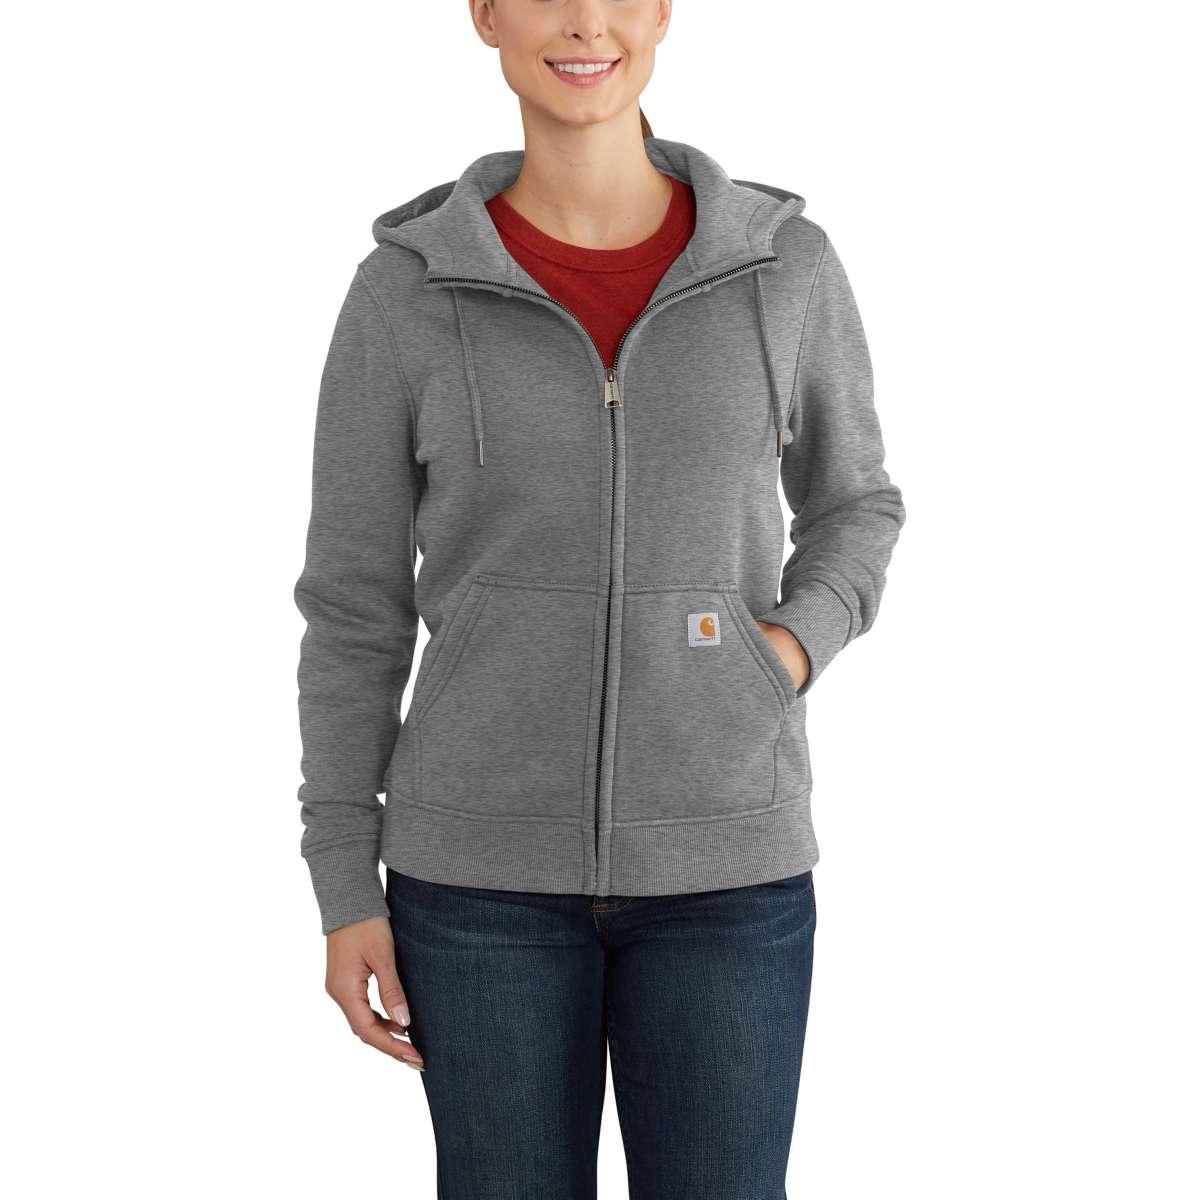 Carhartt Women's Clarksburg Full-Zip Hoodie - Black, XL